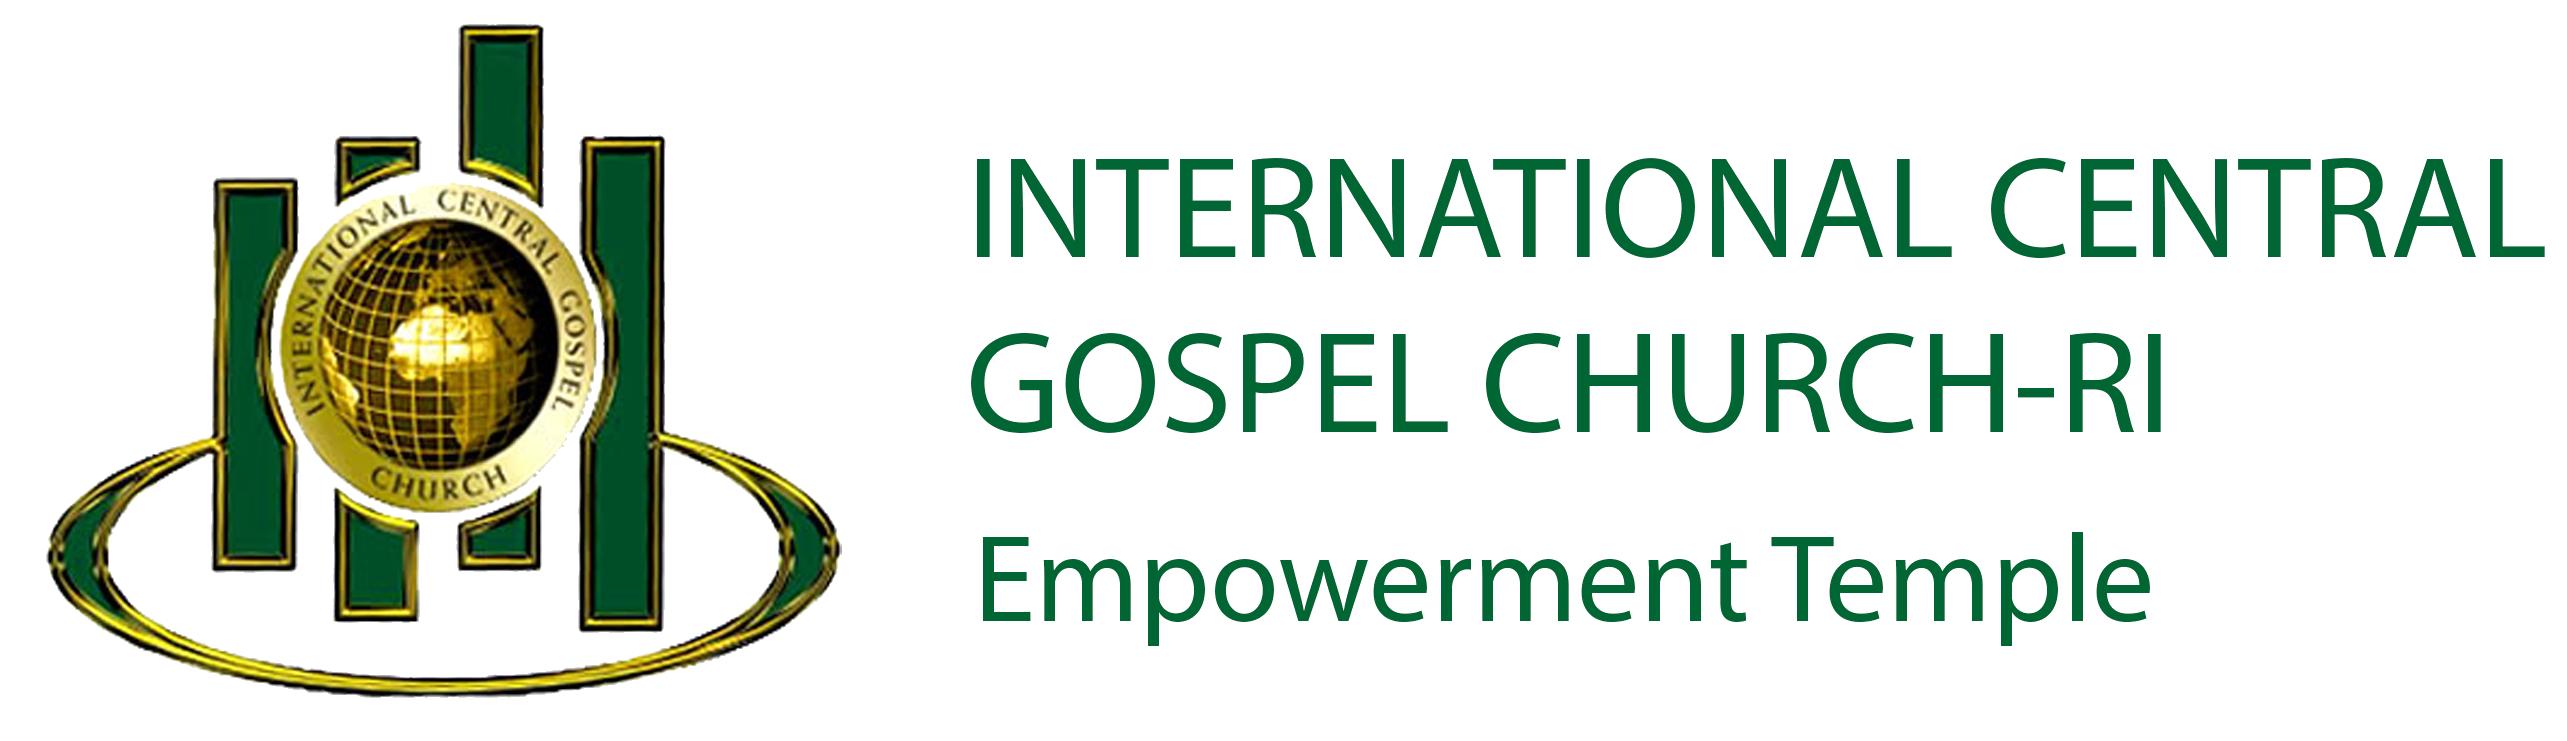 ICGC Empowerment Temple